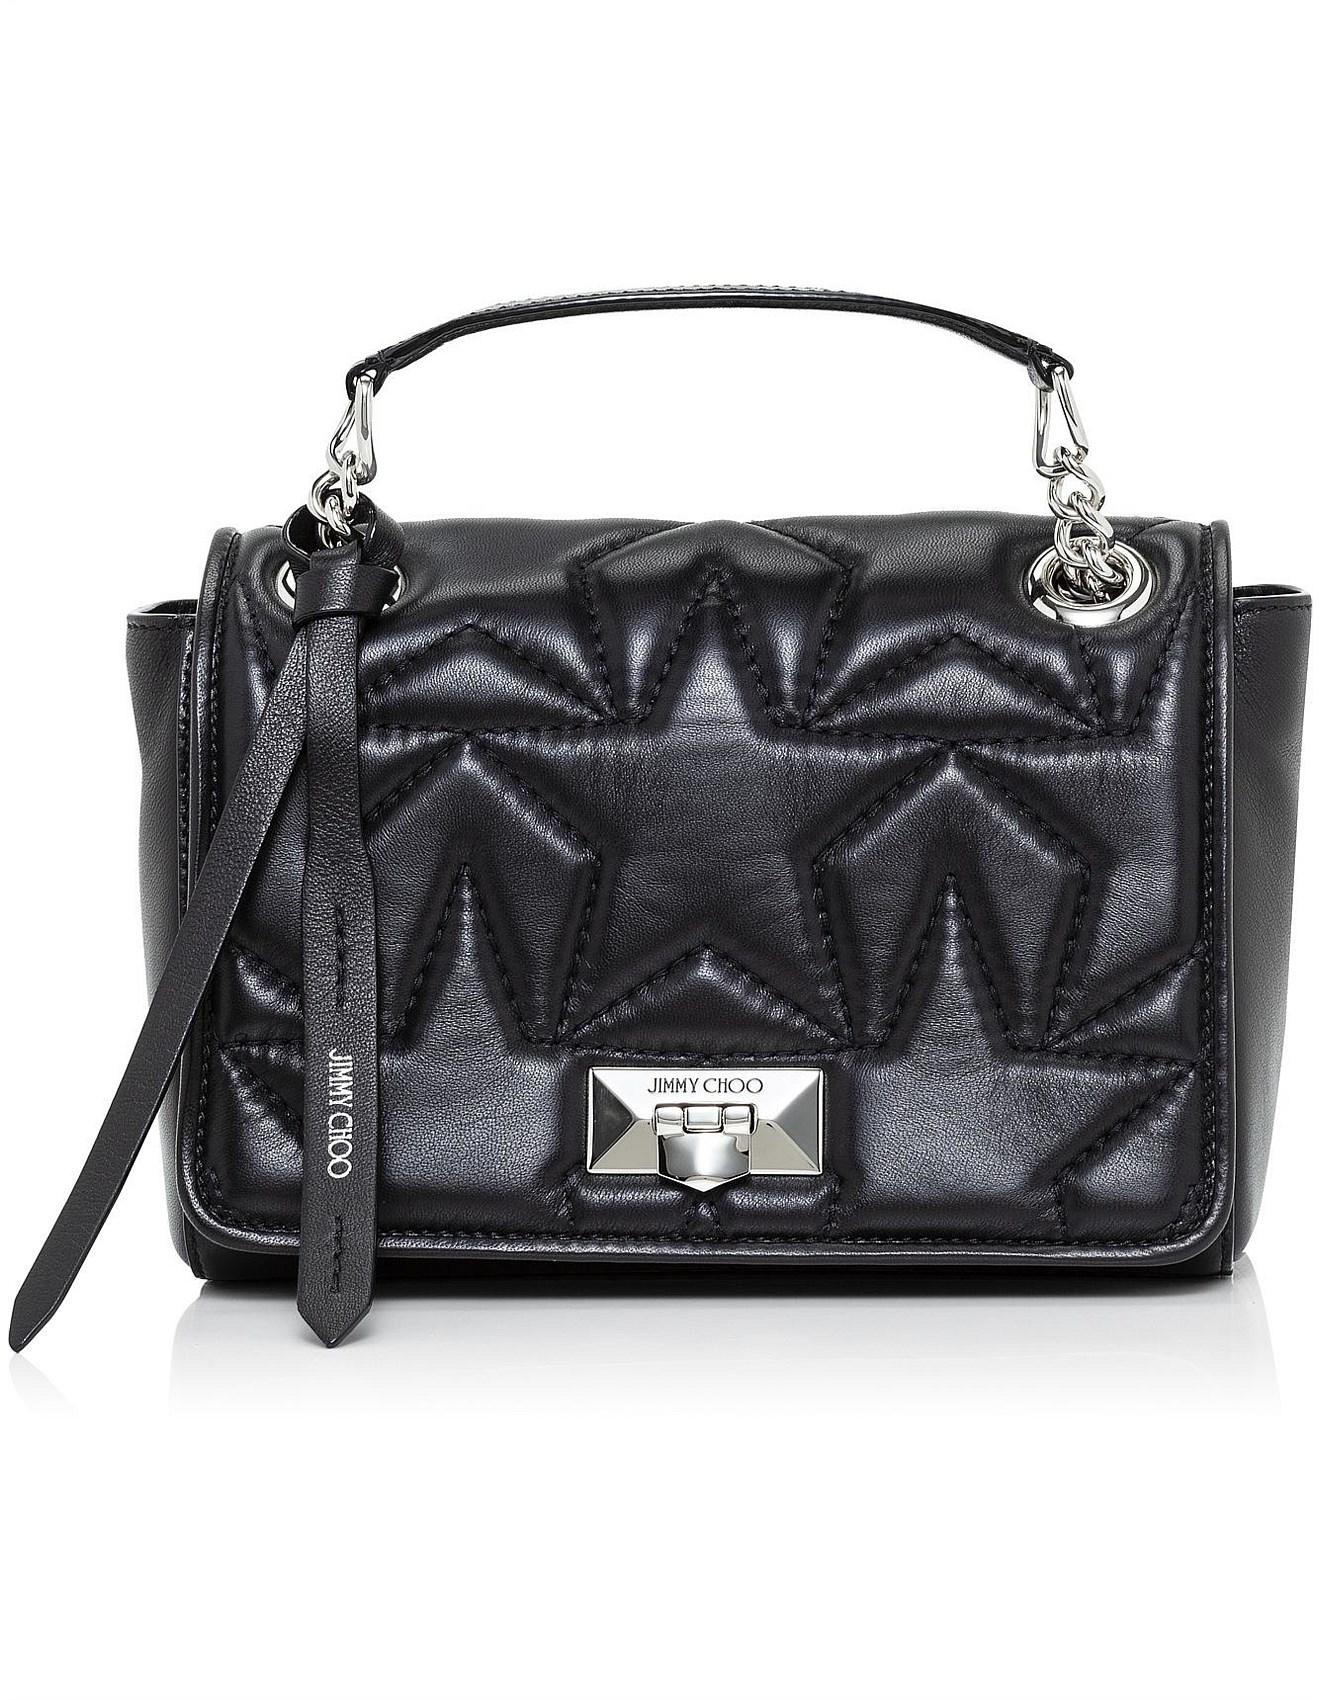 9498e0d8813 Women's Wallets | Leather Wallets For Women Online | David Jones ...